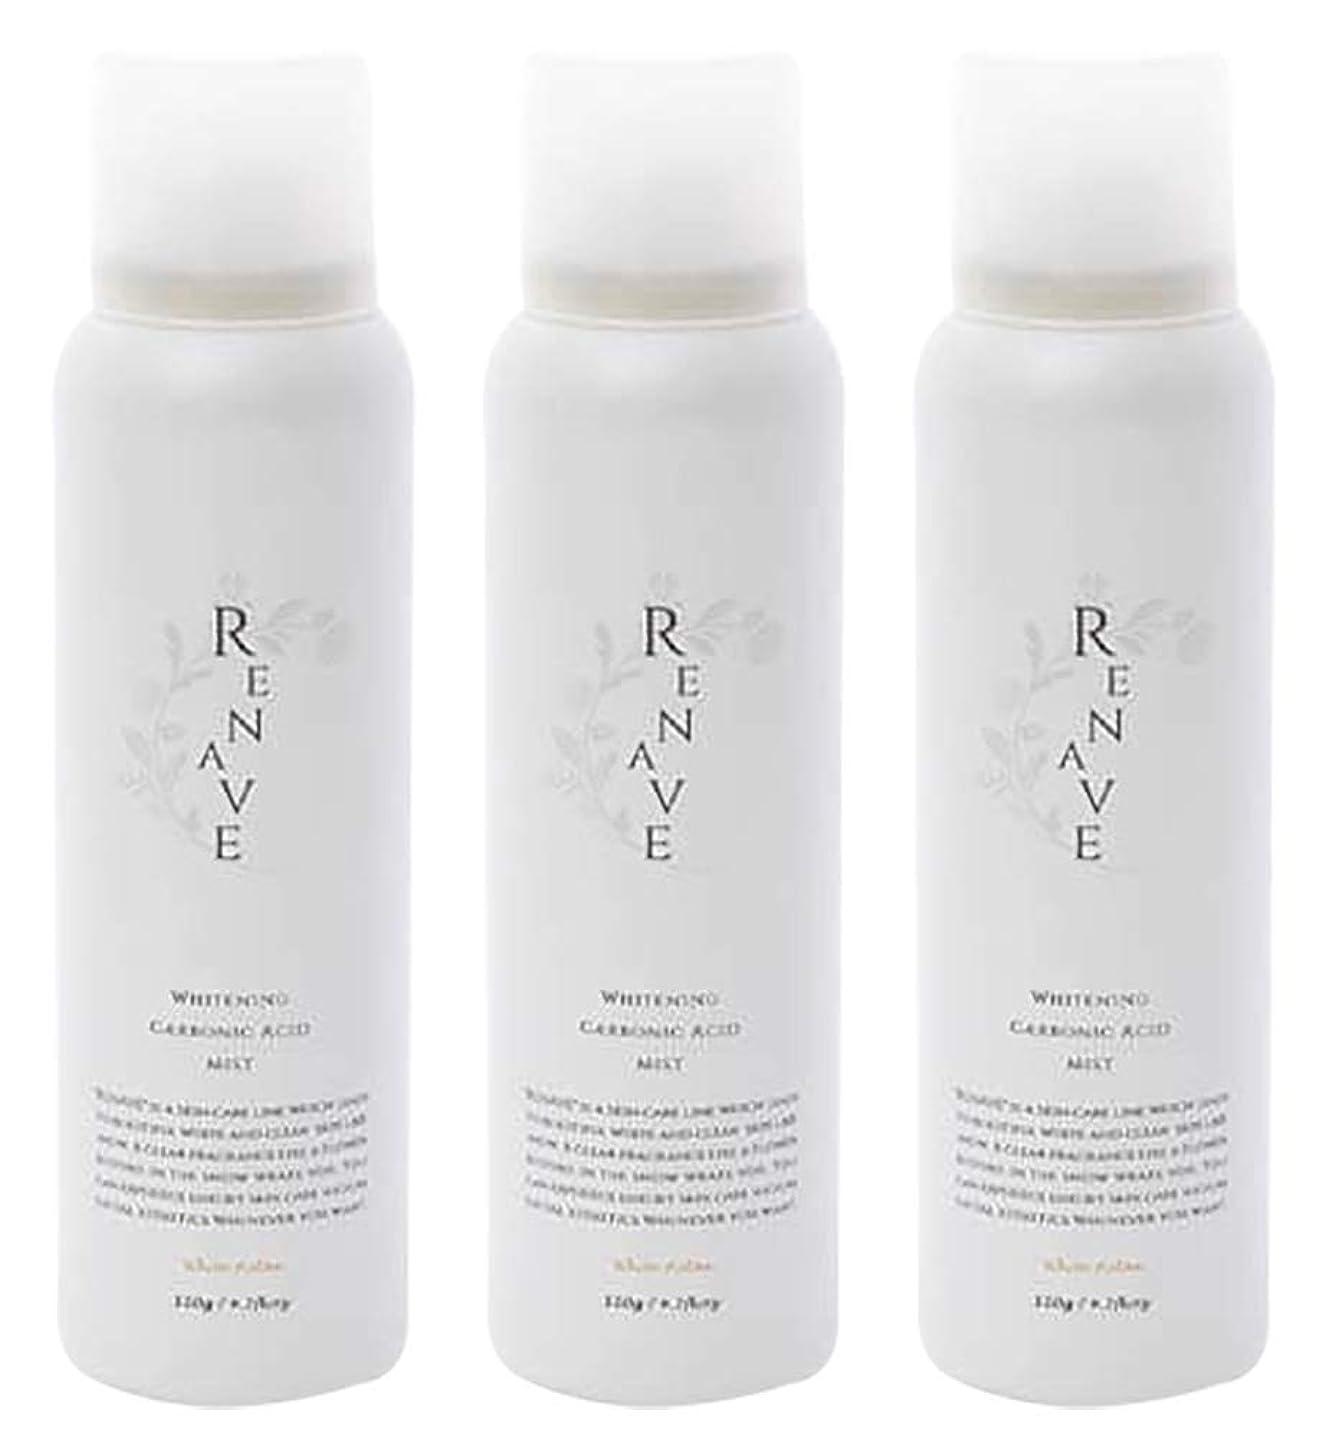 ぺディカブ運ぶ必要ないRENAVE(リネーヴェ) 高濃度炭酸ミスト 薬用美白化粧水 120ml 3本セット